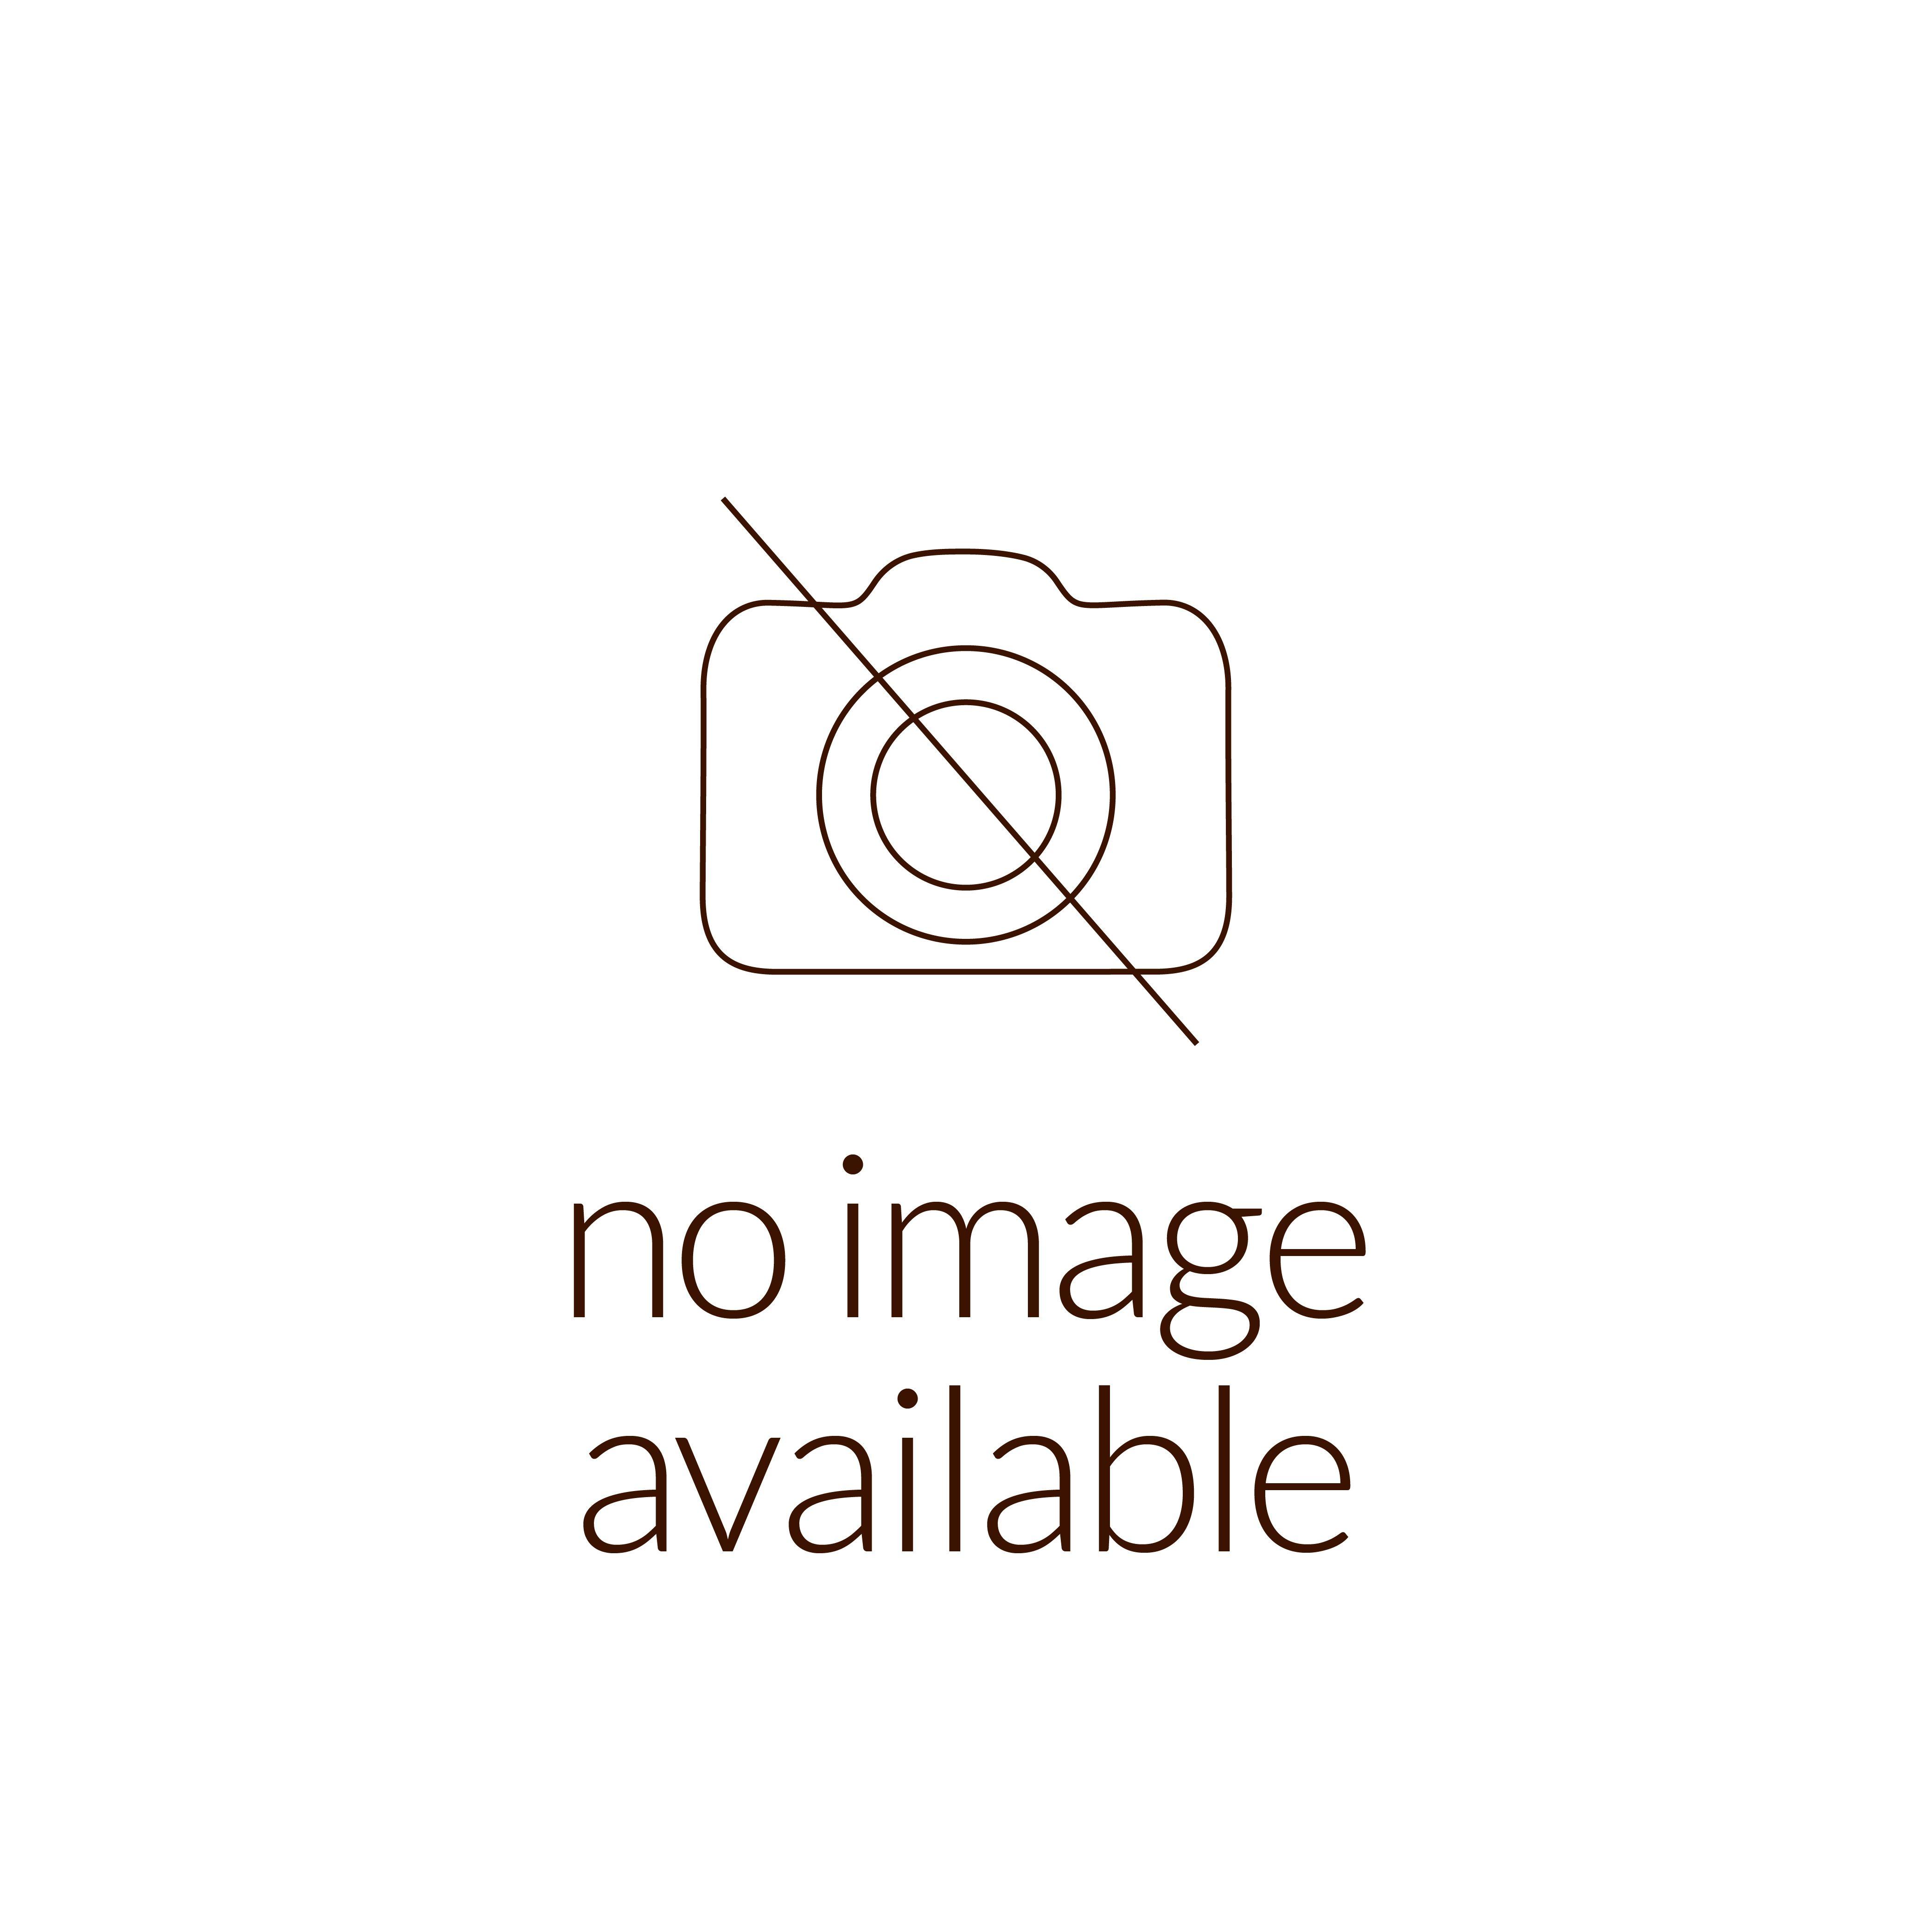 """מדליה ממלכתית, רבי לוי יצחק מברדיטשב, ארד טומבק, 38.7 מ""""מ, 17 גרם - צד הנושא"""